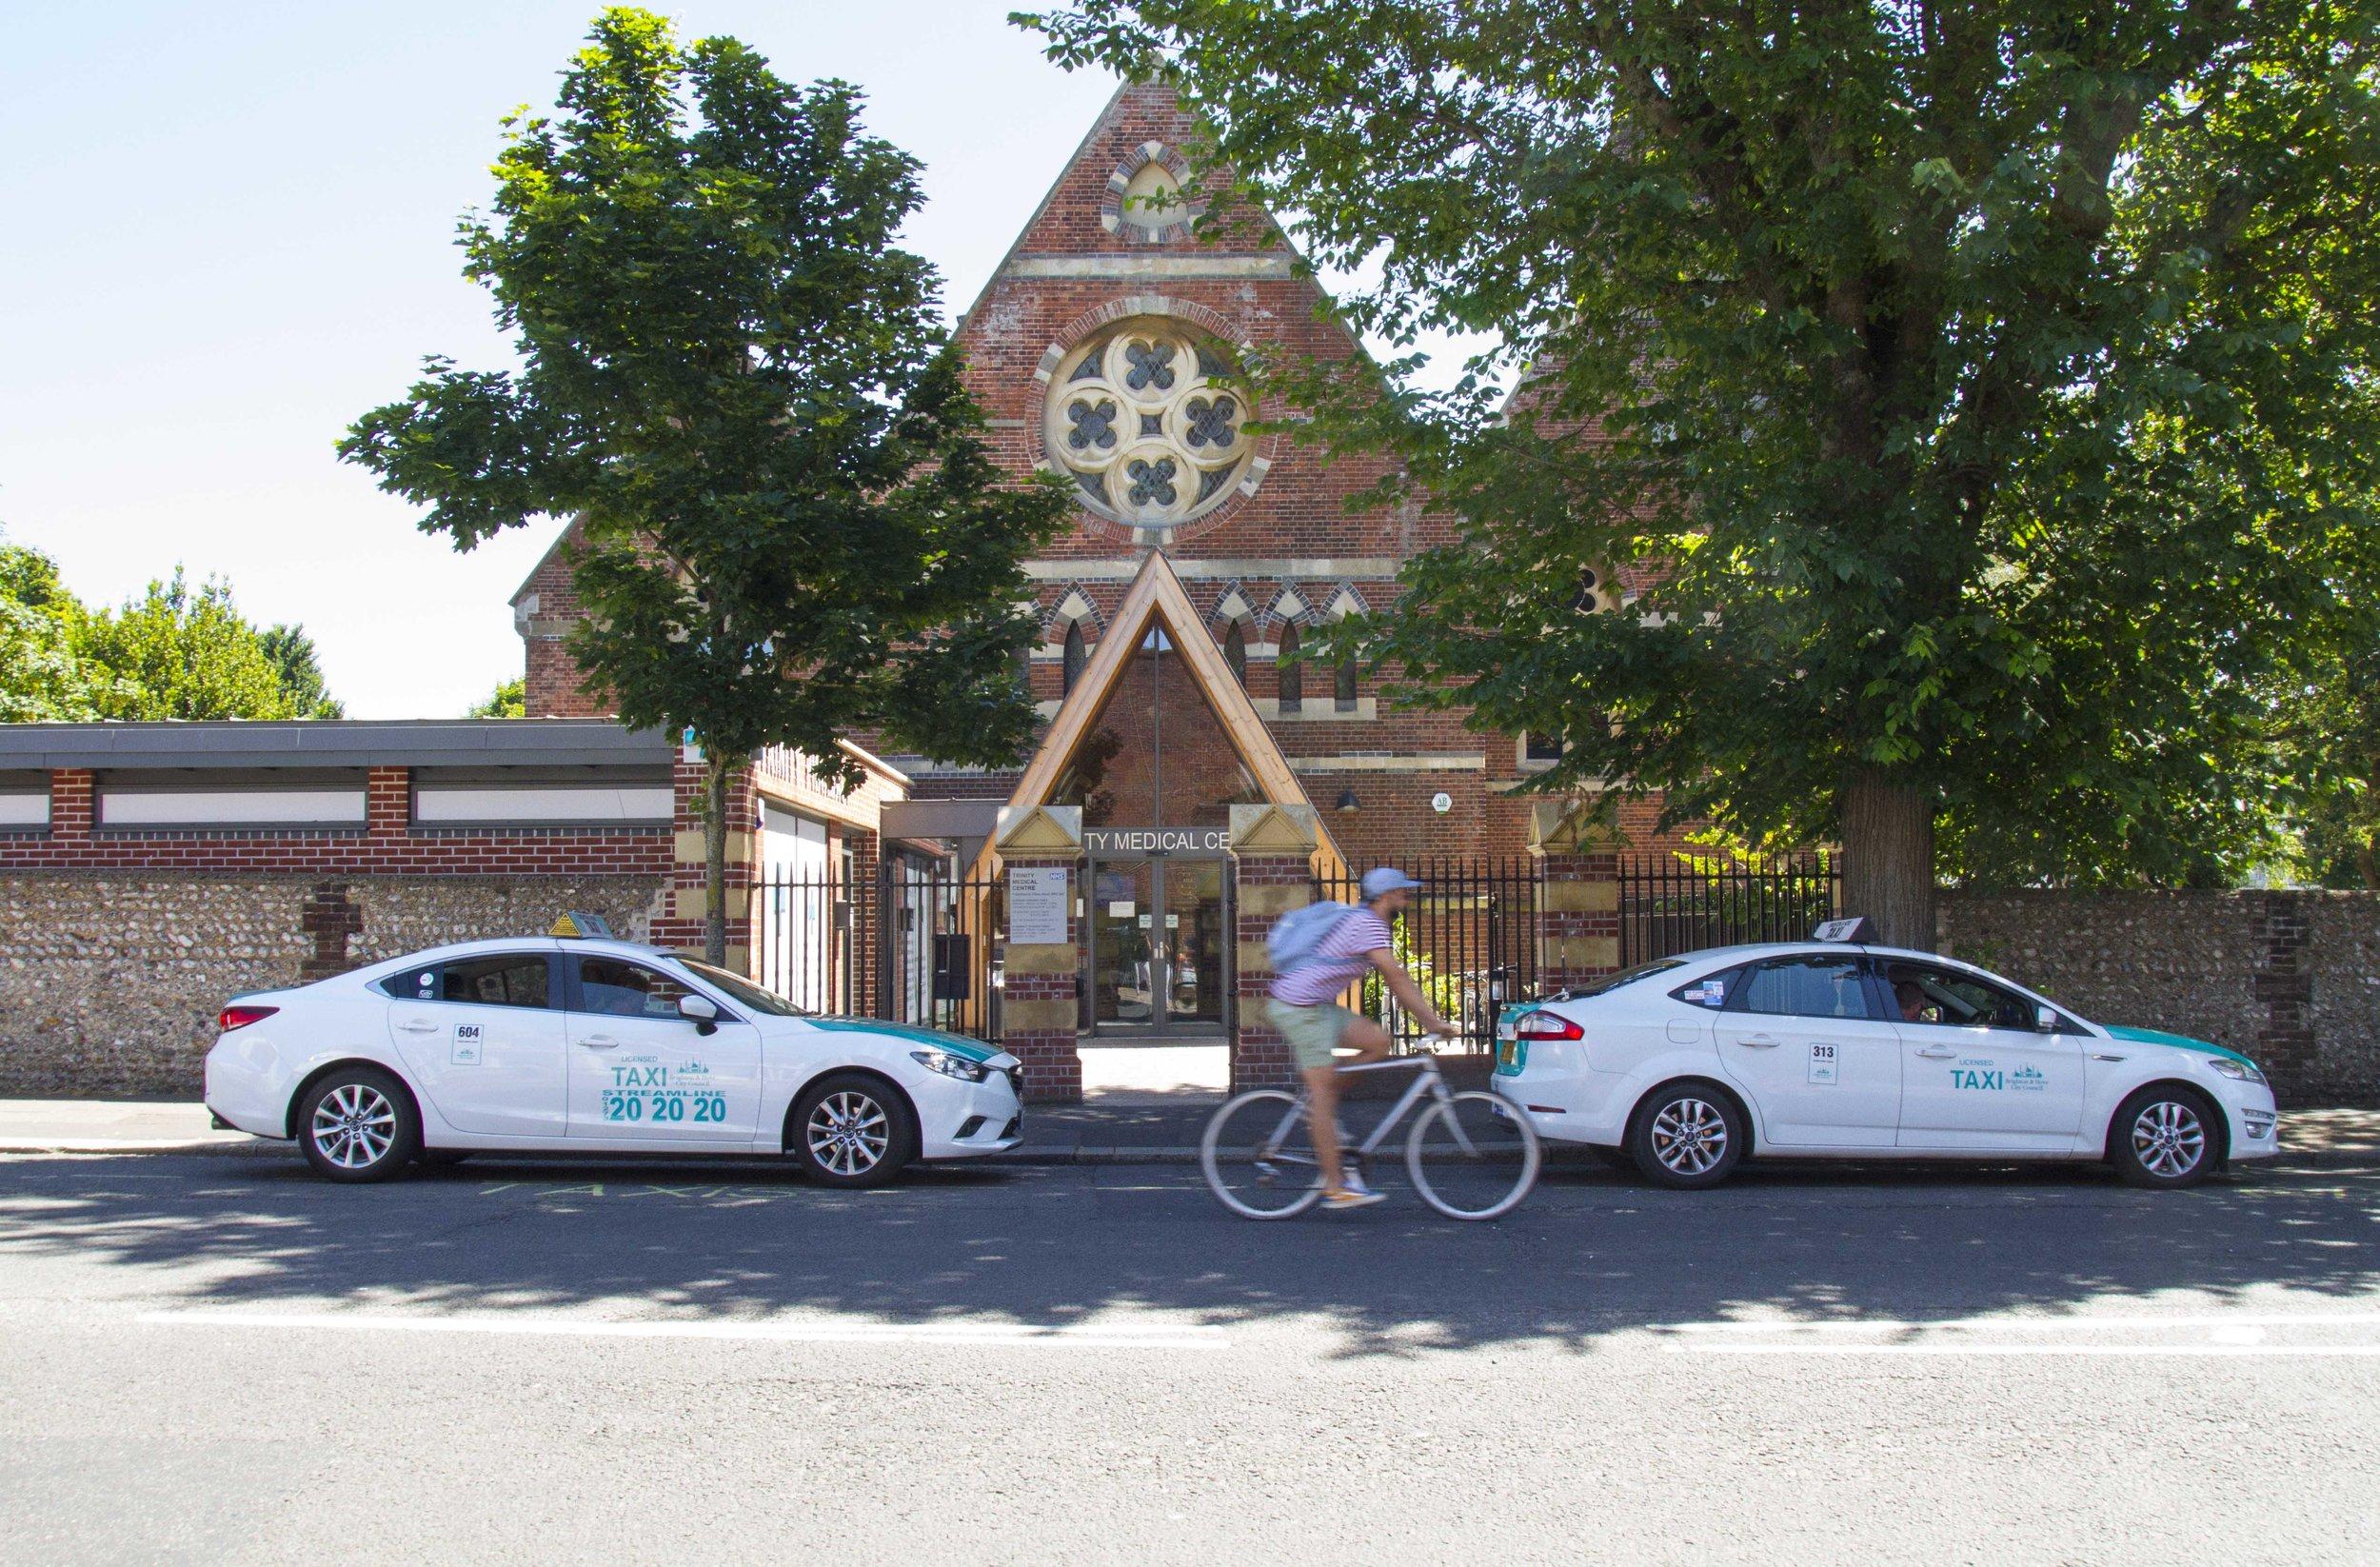 reeves-transport-planning-trinity-medical-centre.jpg